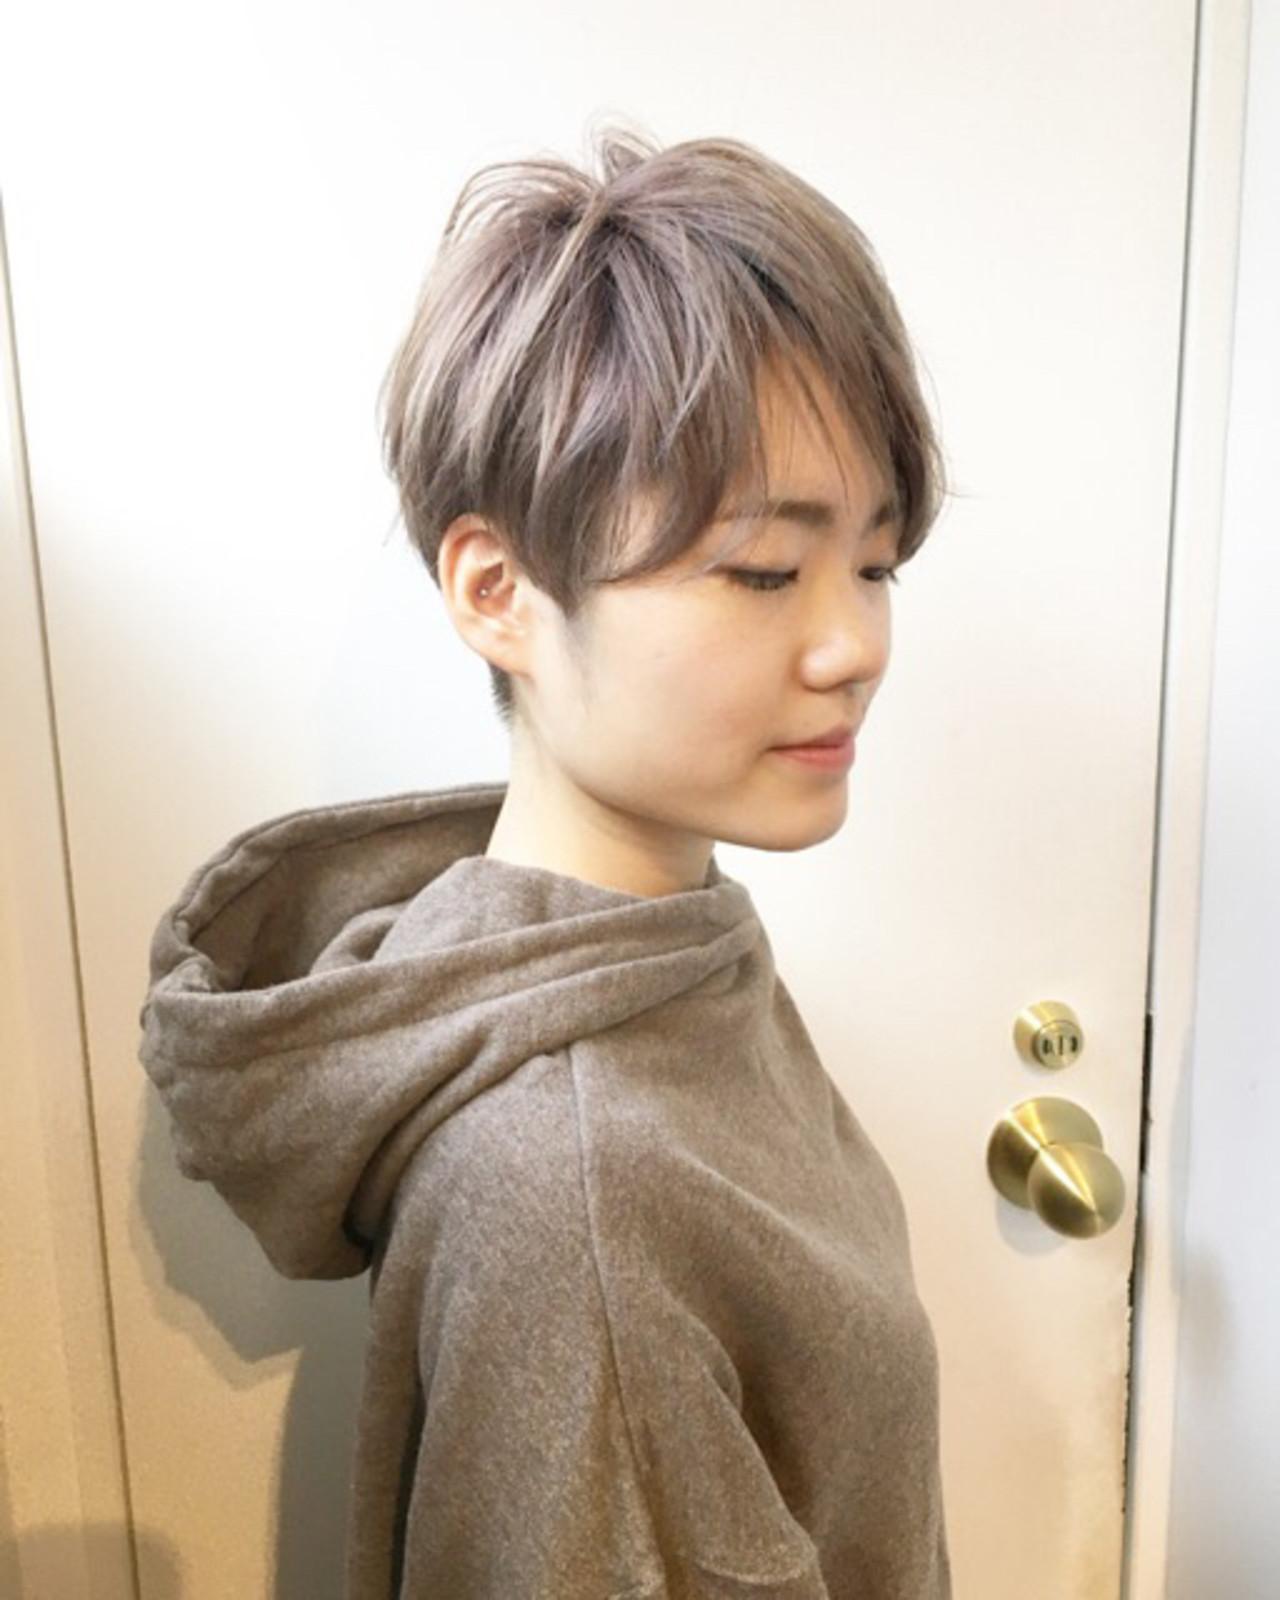 ショート ショートヘア ミントアッシュ アッシュグレージュ ヘアスタイルや髪型の写真・画像 | COM PASS 太一 / COM PASS